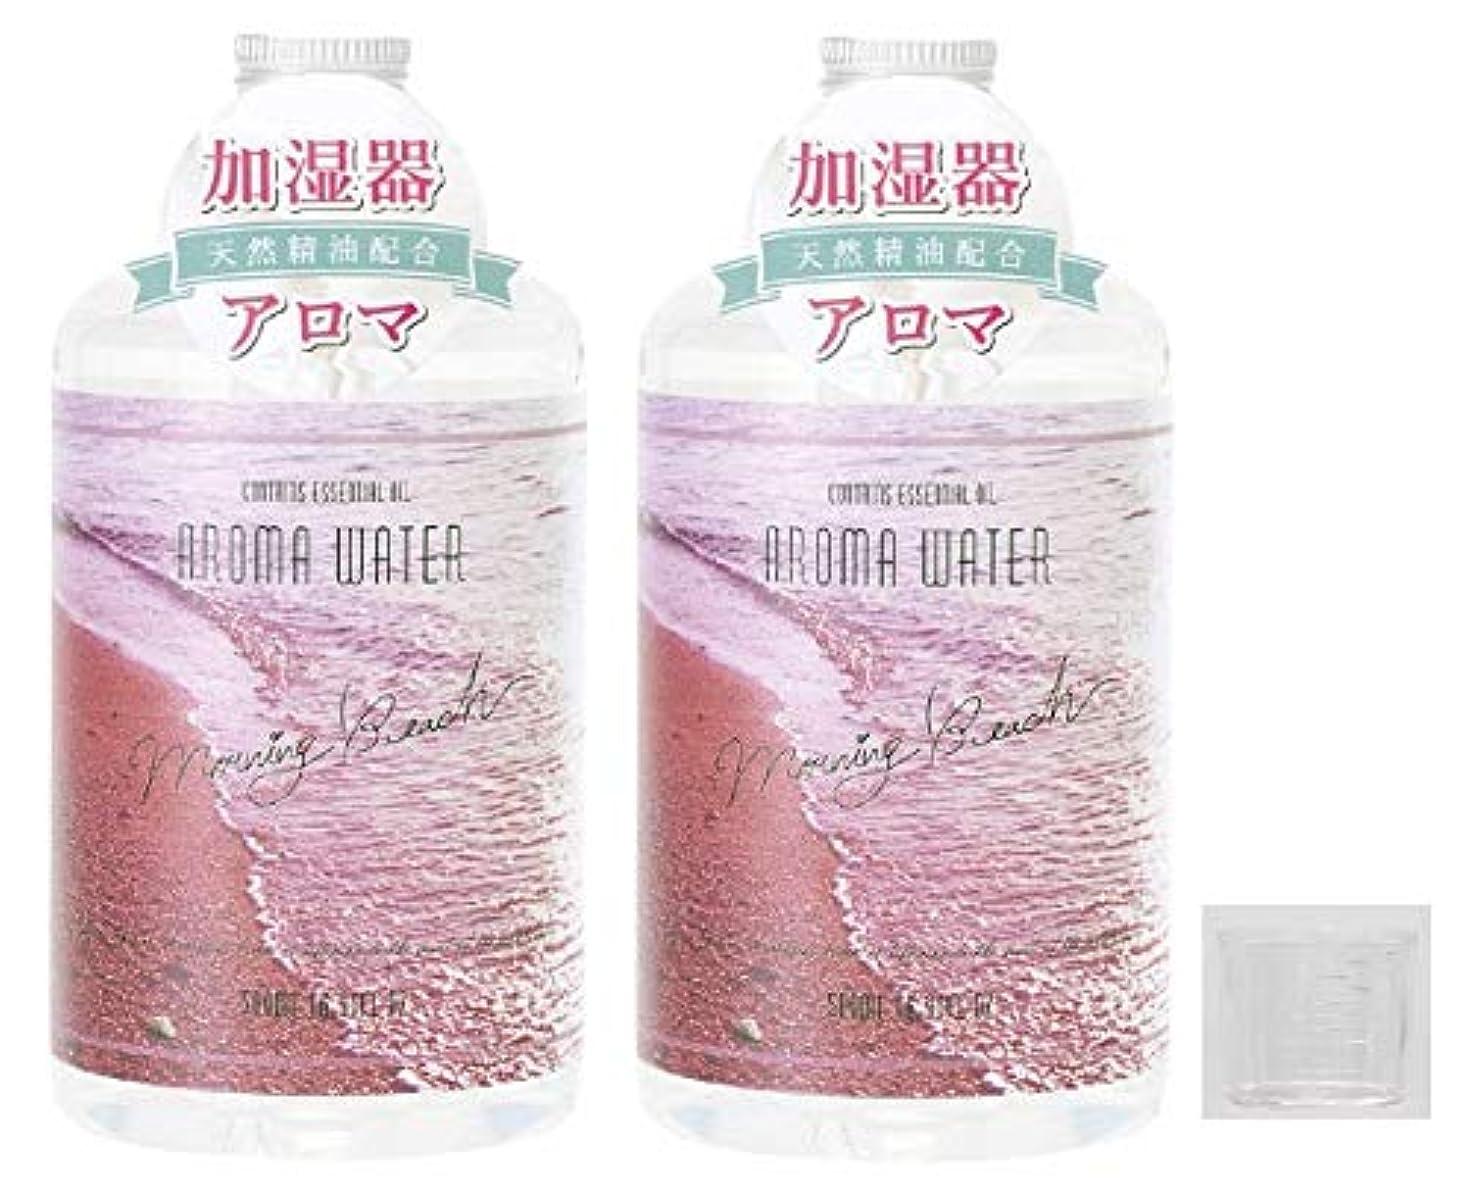 魅了する終了する問い合わせる【2個セット+計量カップ付】ノルコーポレーション アロマウォーター 加湿器用 500ml モーニングビーチ ローズマリーの香り OA-ARO-1-1【計量カップ付】